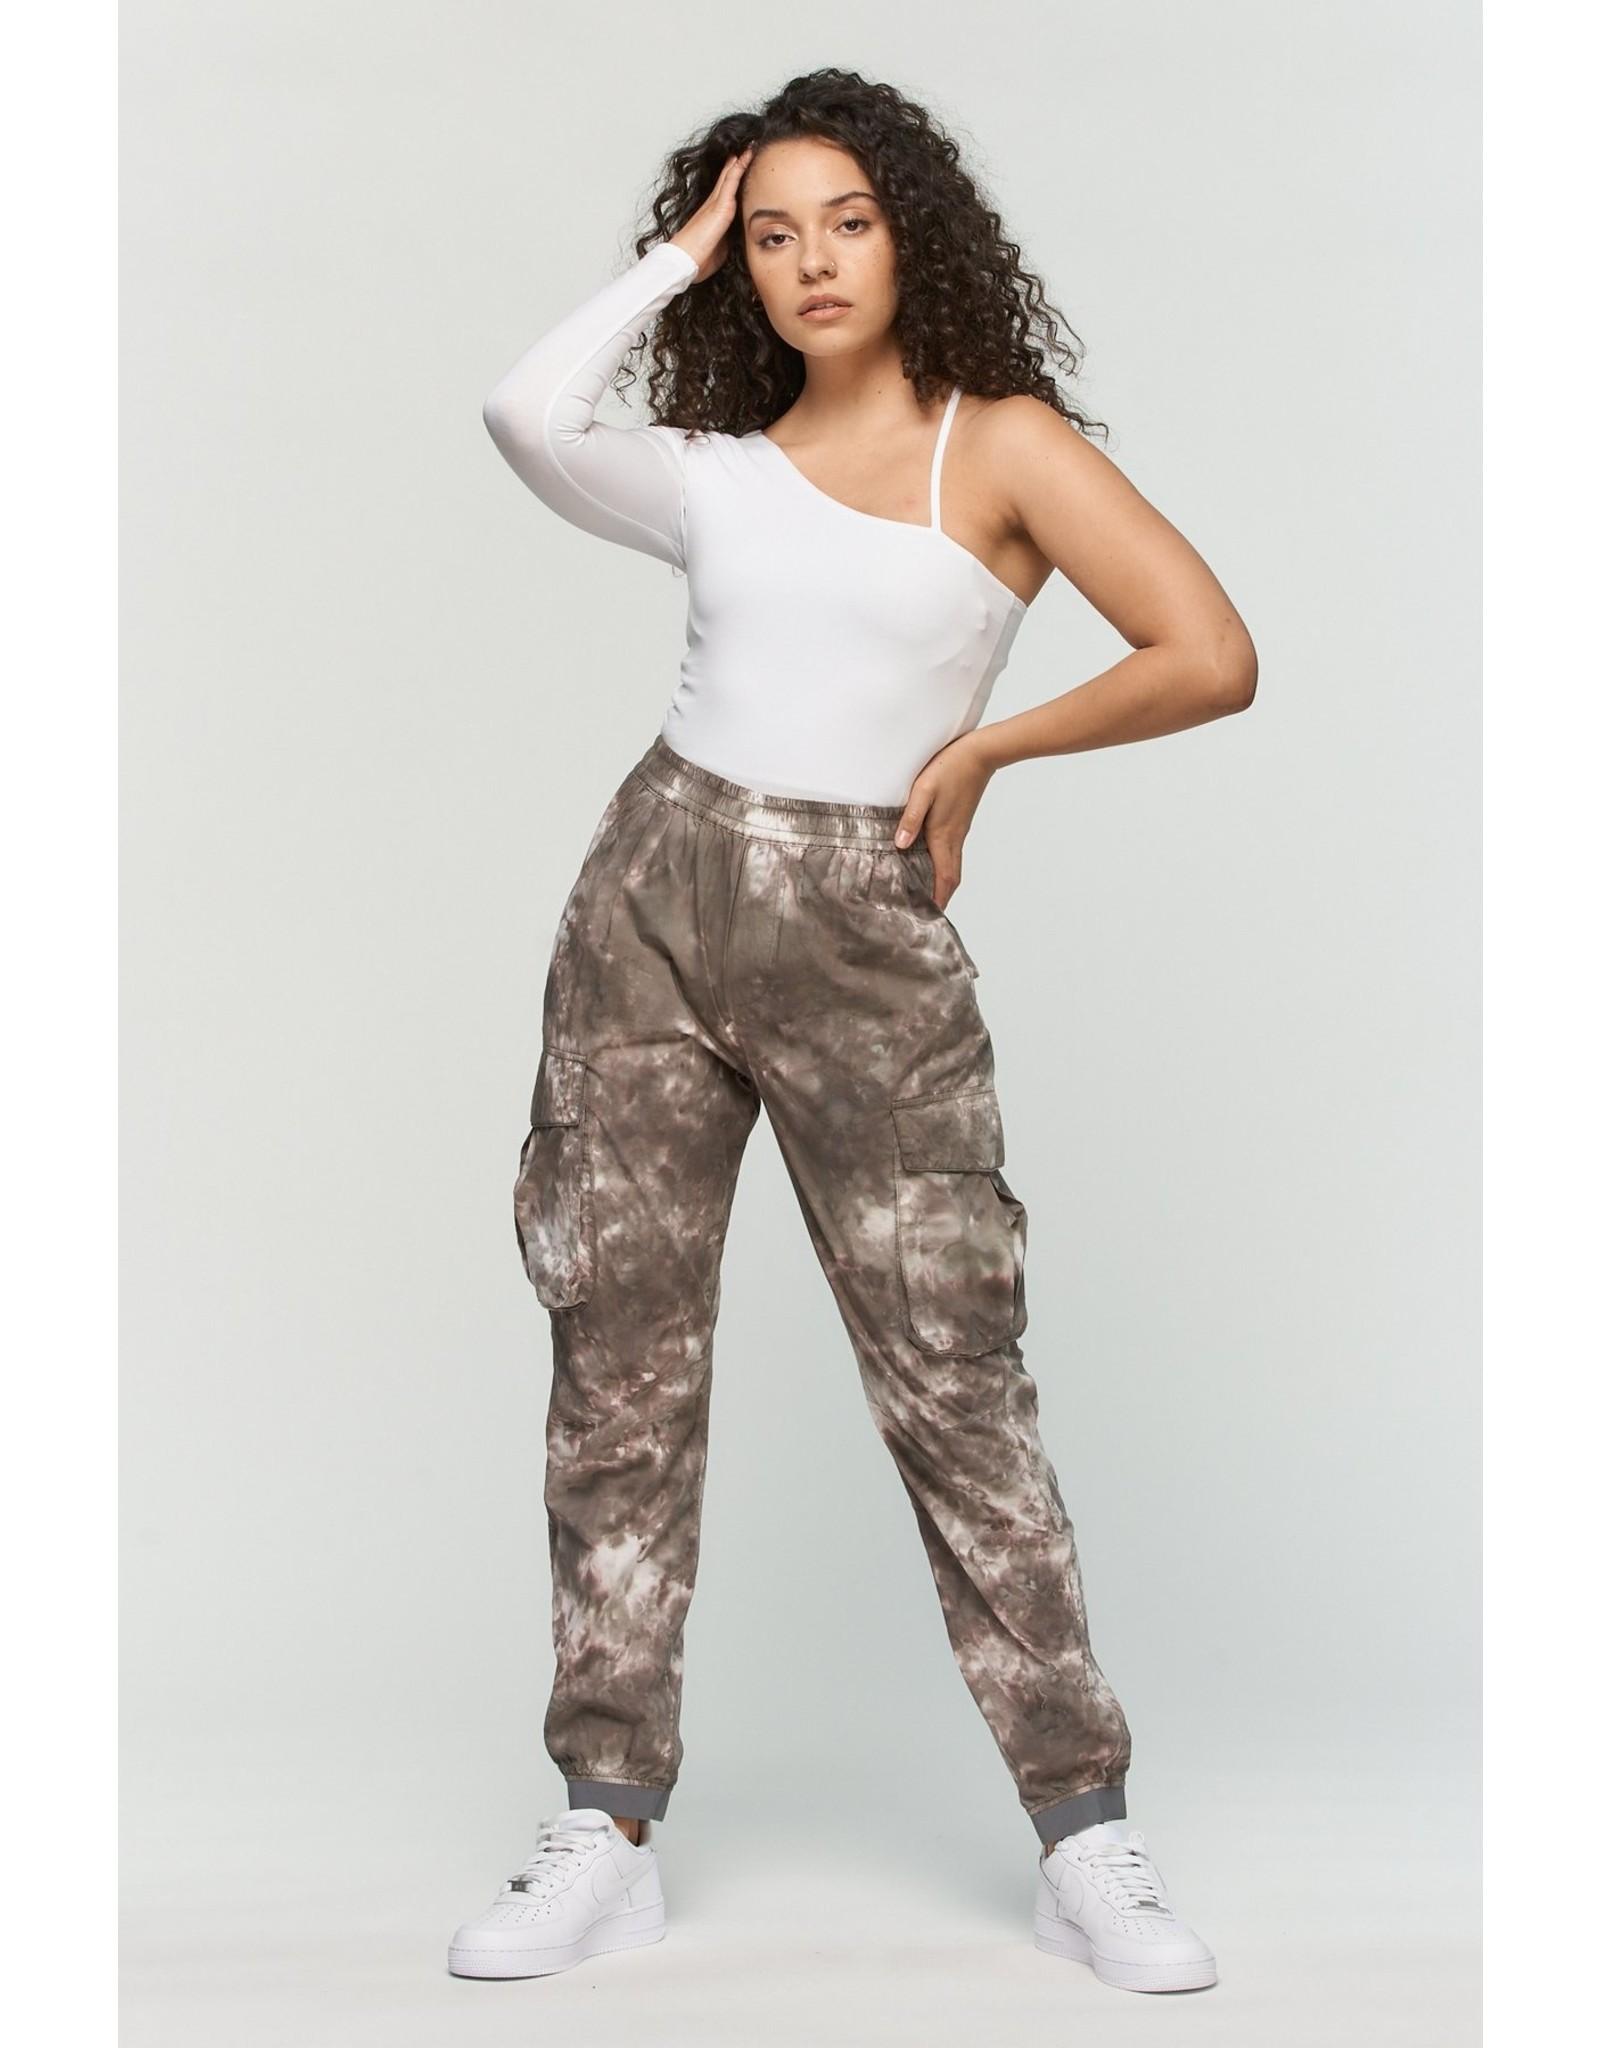 Kuwallatee Tie Dye Cargo Pants